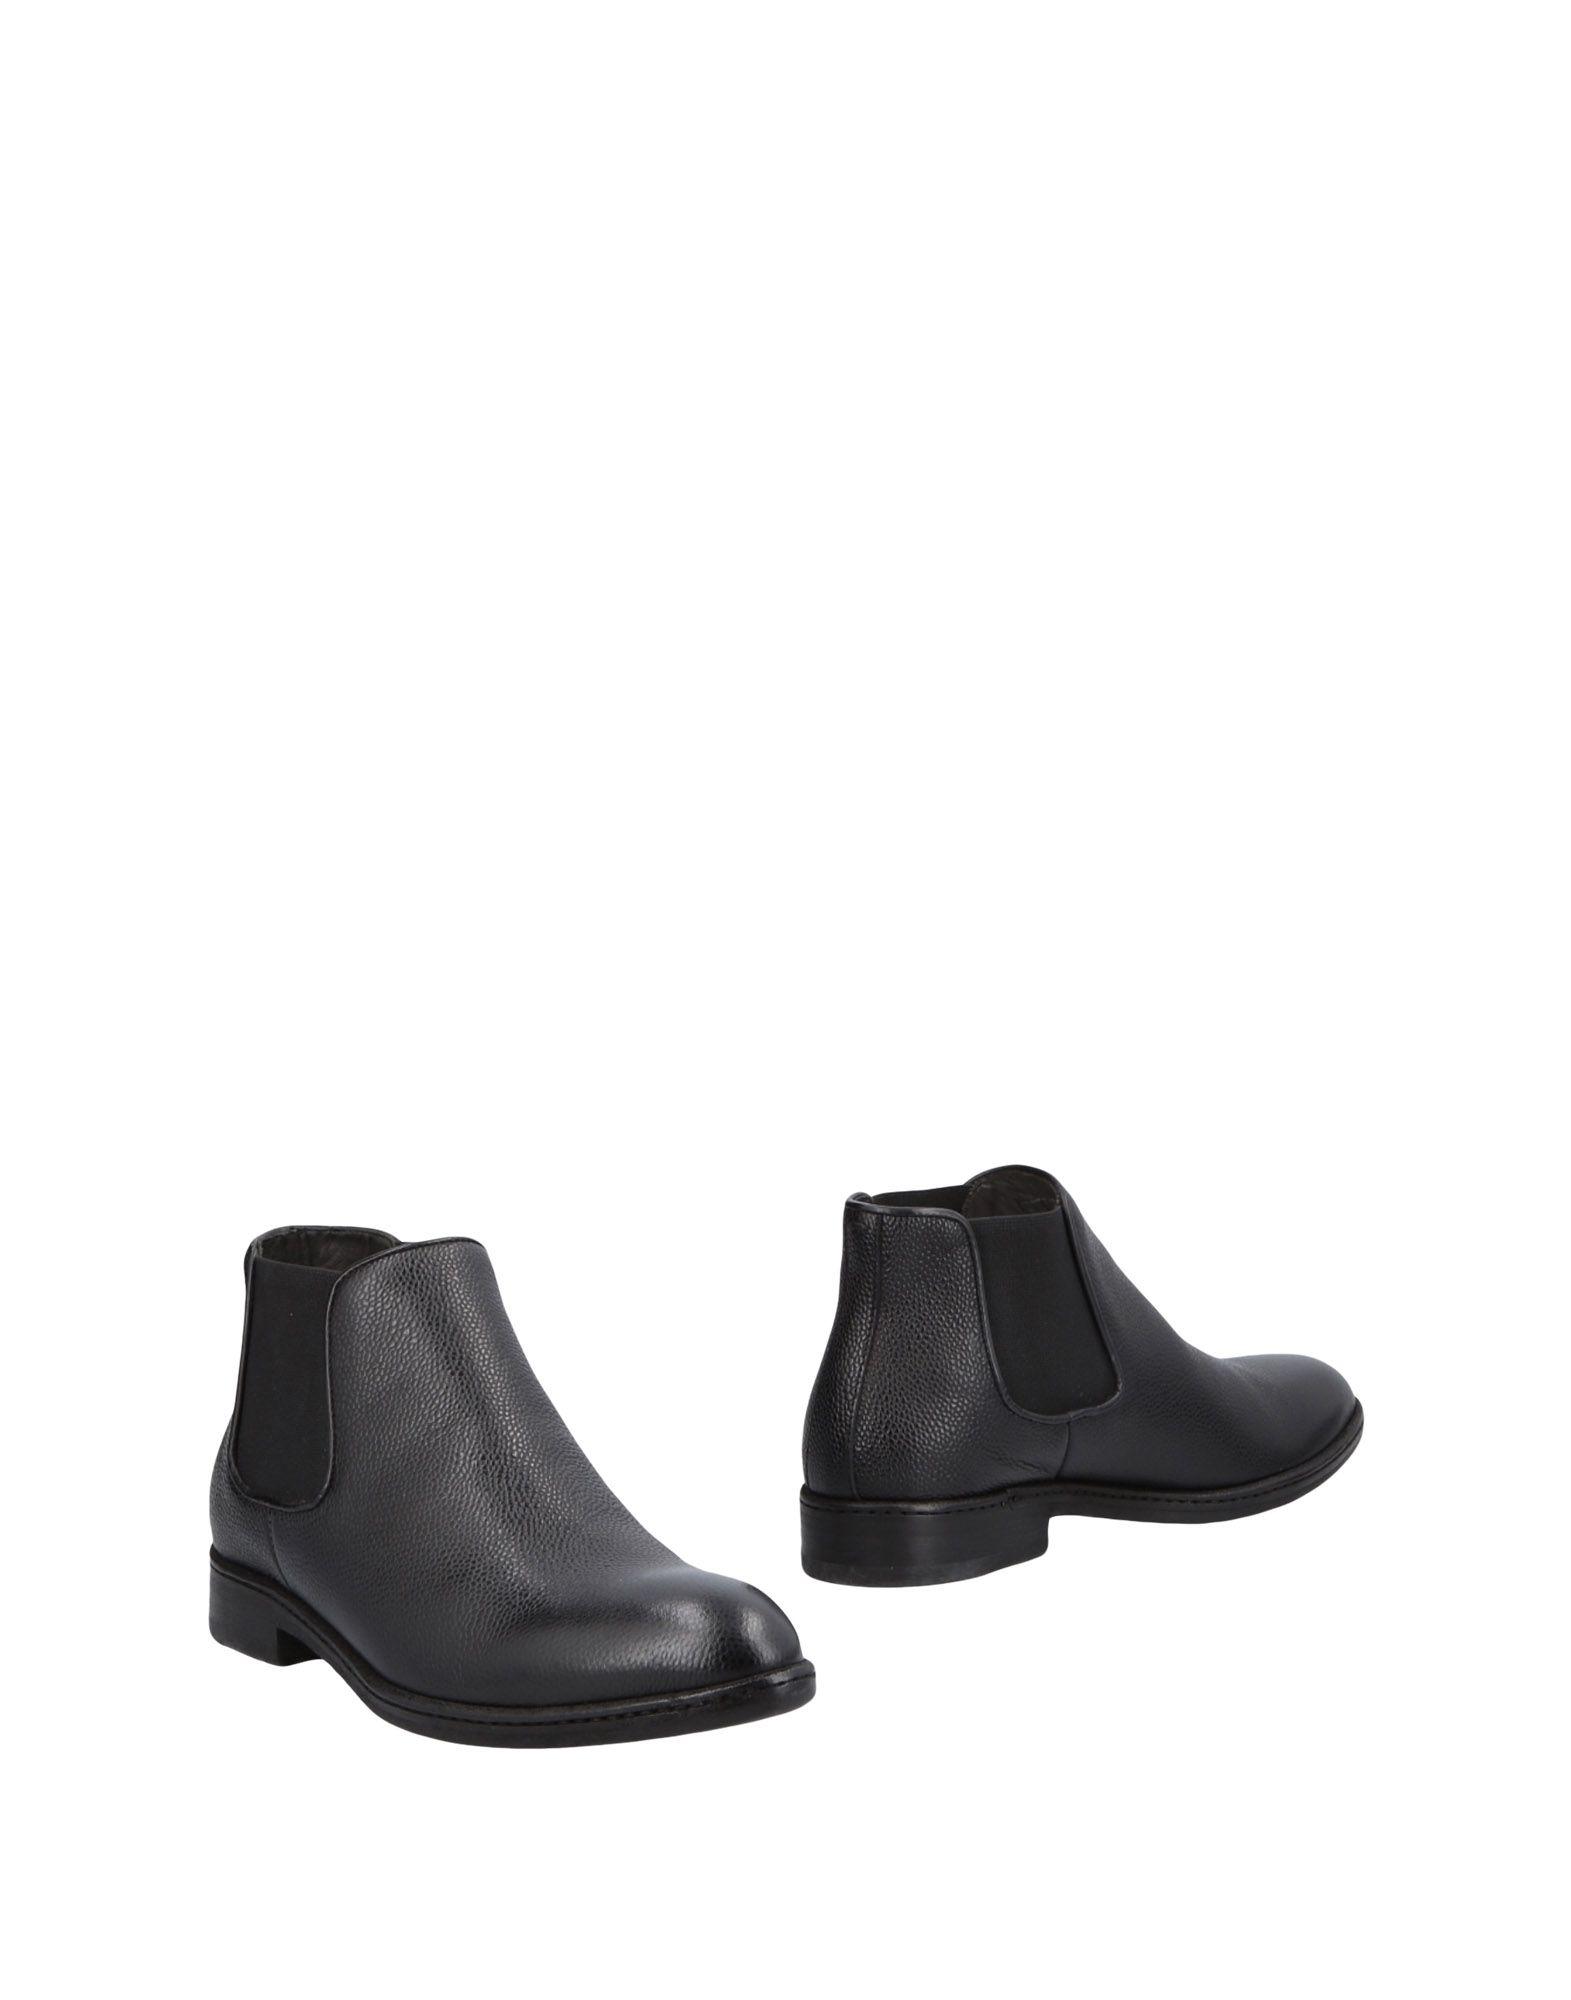 Pantanetti Chelsea Boots Damen lohnt Gutes Preis-Leistungs-Verhältnis, es lohnt Damen sich,Sonderangebot-4075 66054a